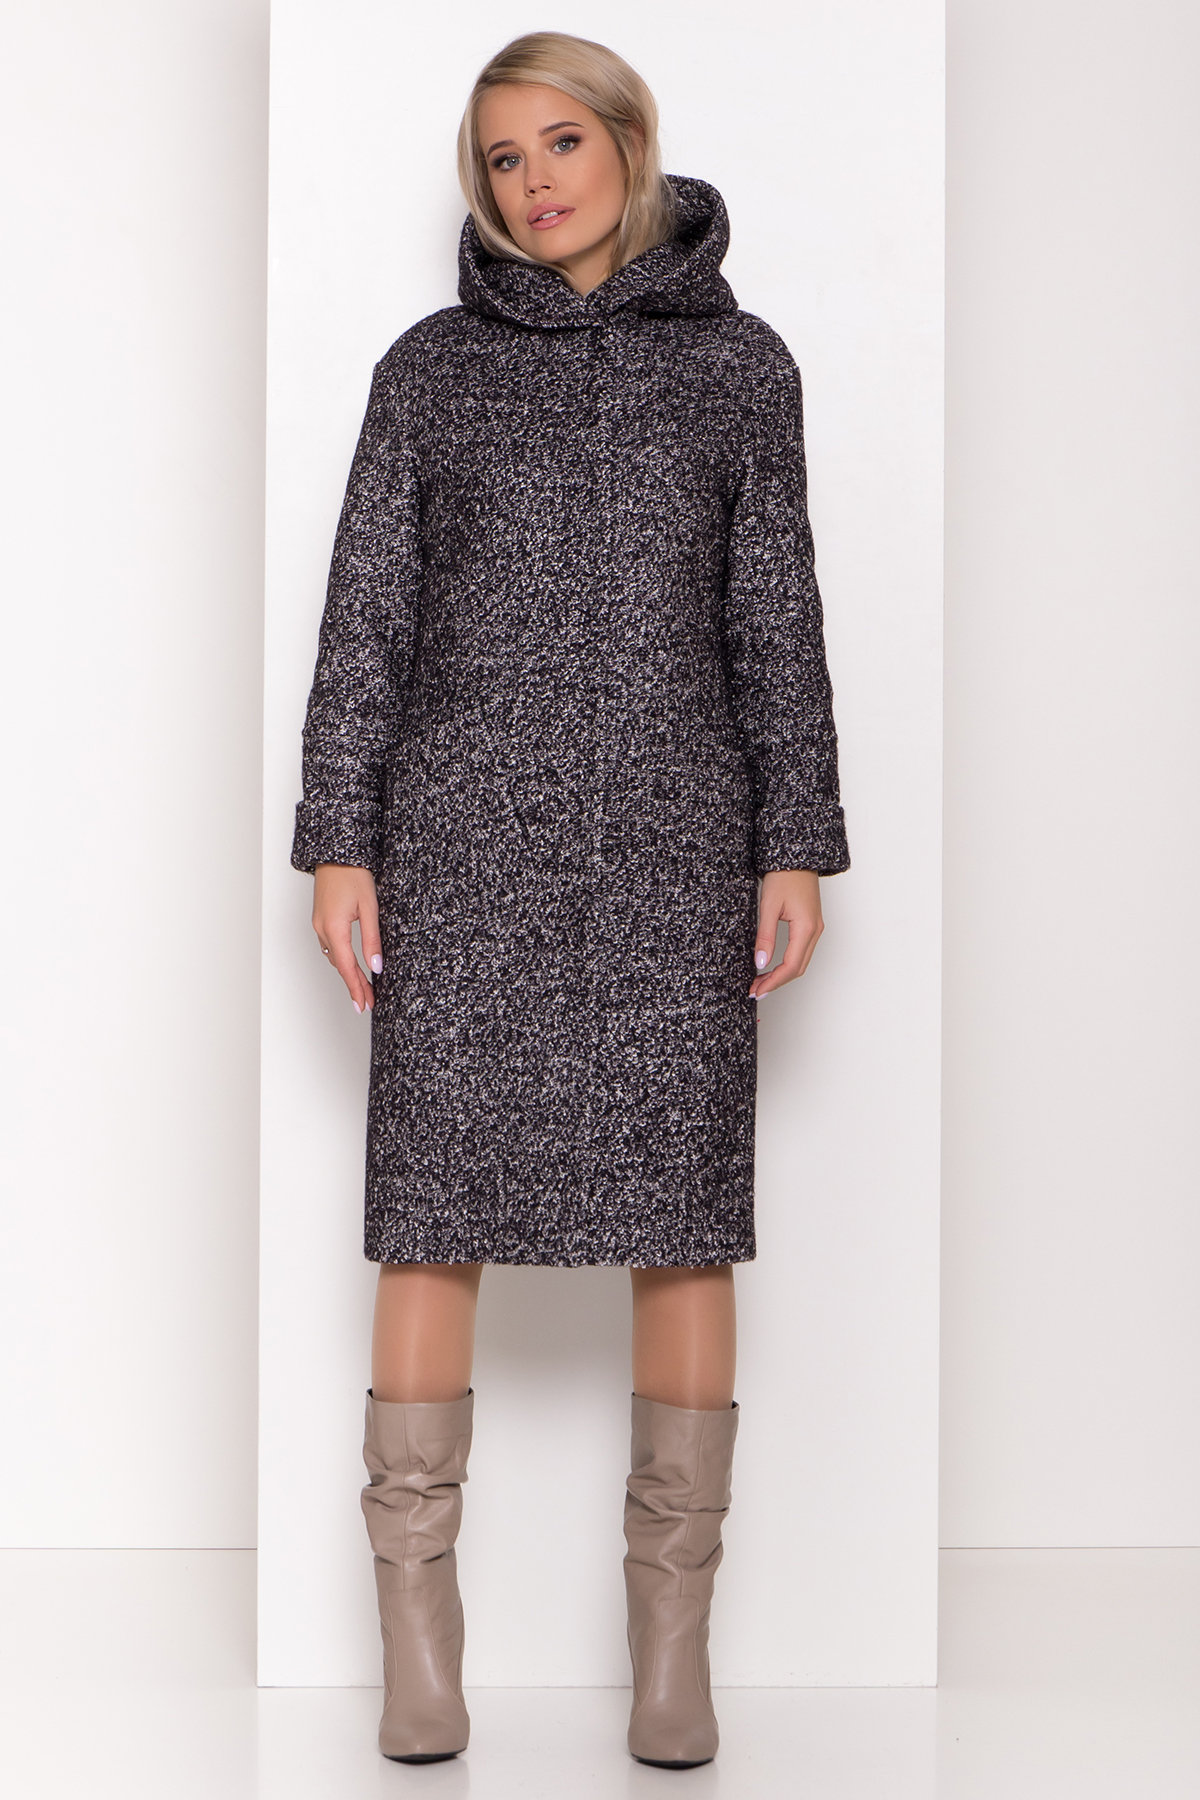 Пальто зима шерсть букле Анита 8320 АРТ. 44442 Цвет: Черный/серый - фото 3, интернет магазин tm-modus.ru